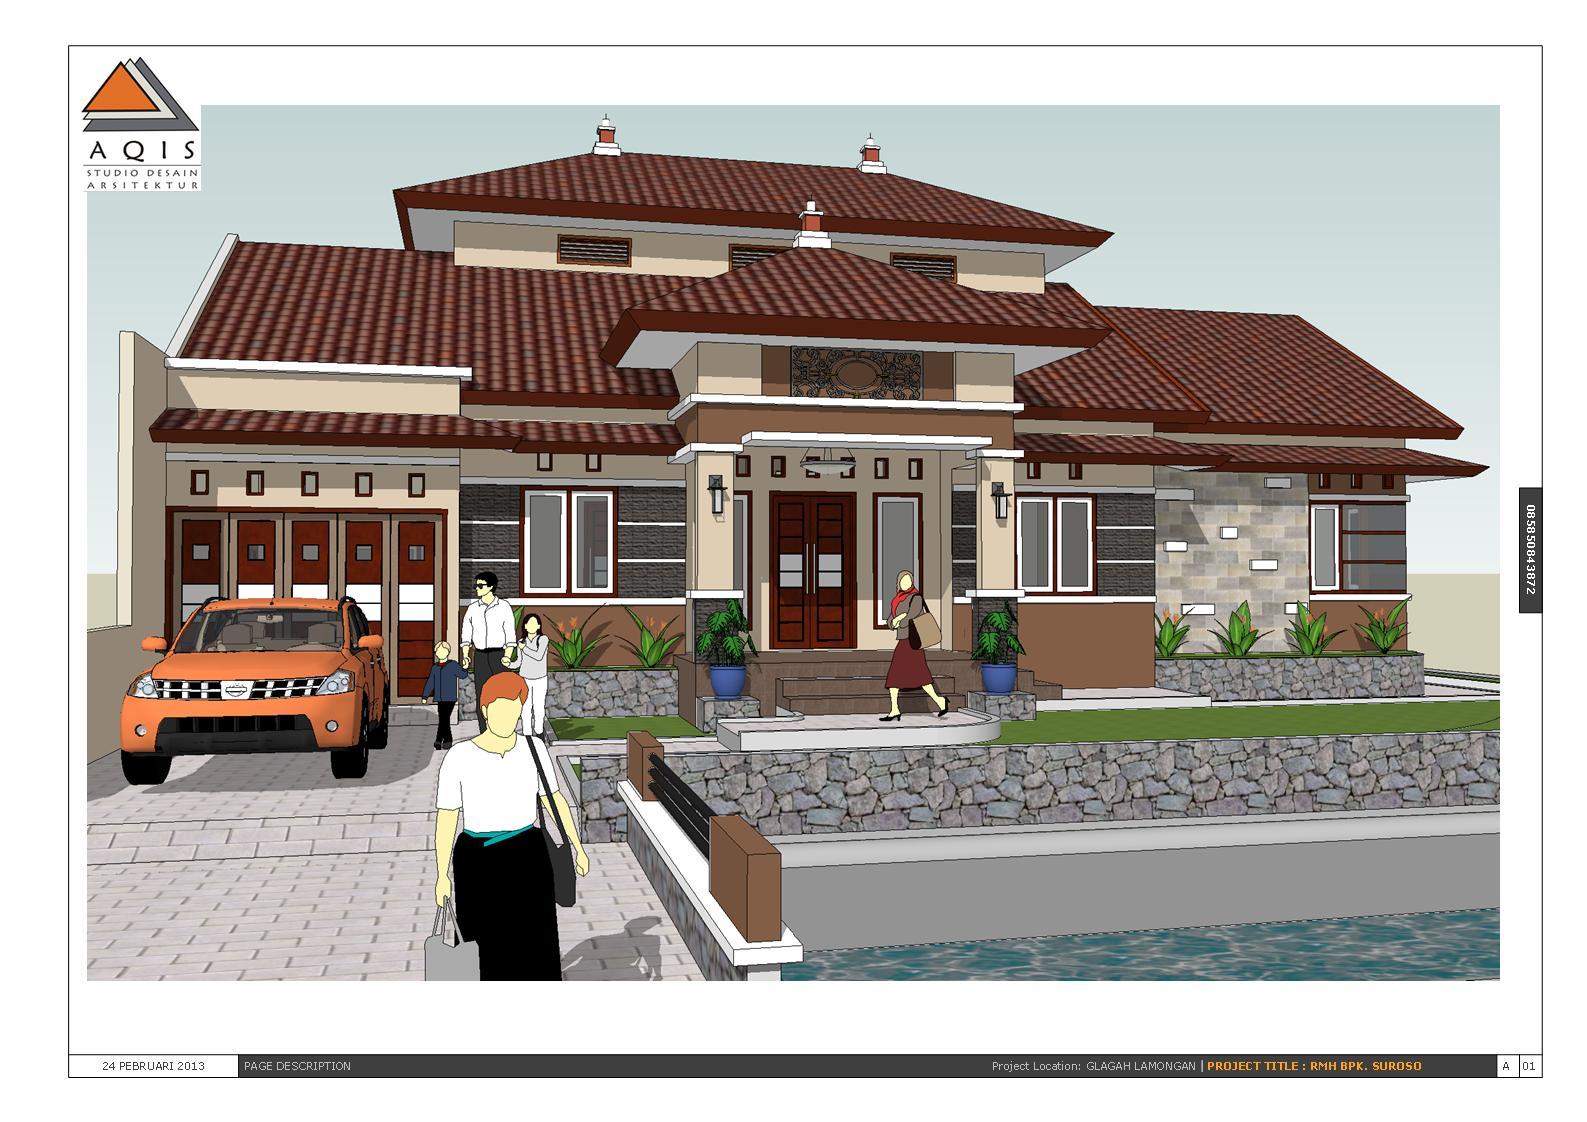 rumah yang dibangun di desa apakah harus dipaksa memakai desain rumah